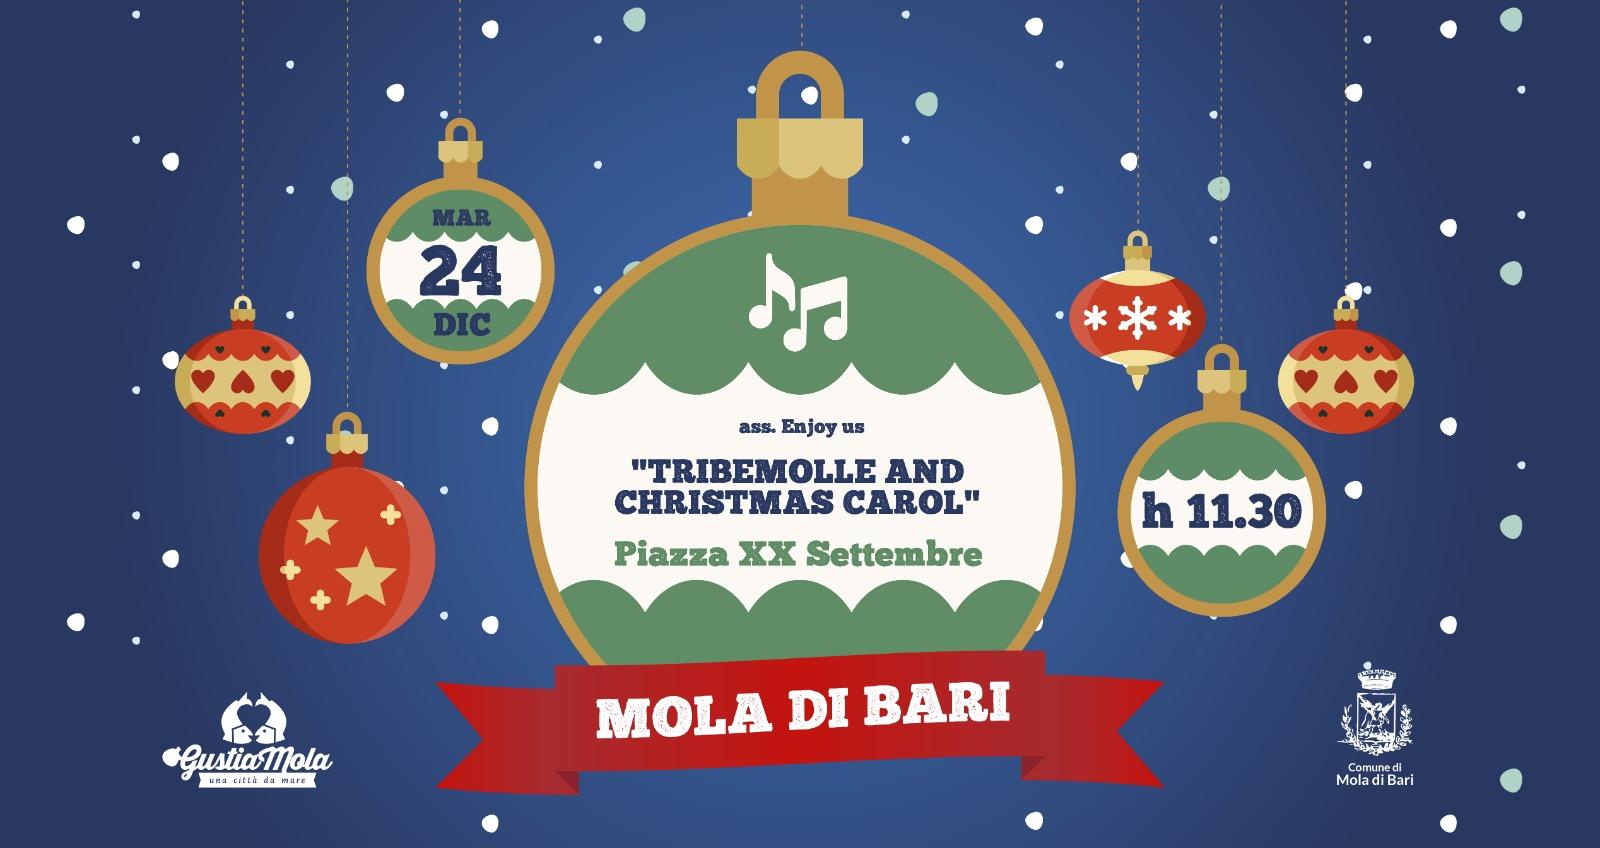 Tribemolle 24 dicembre 2019 Gustiamola Mola di Bari